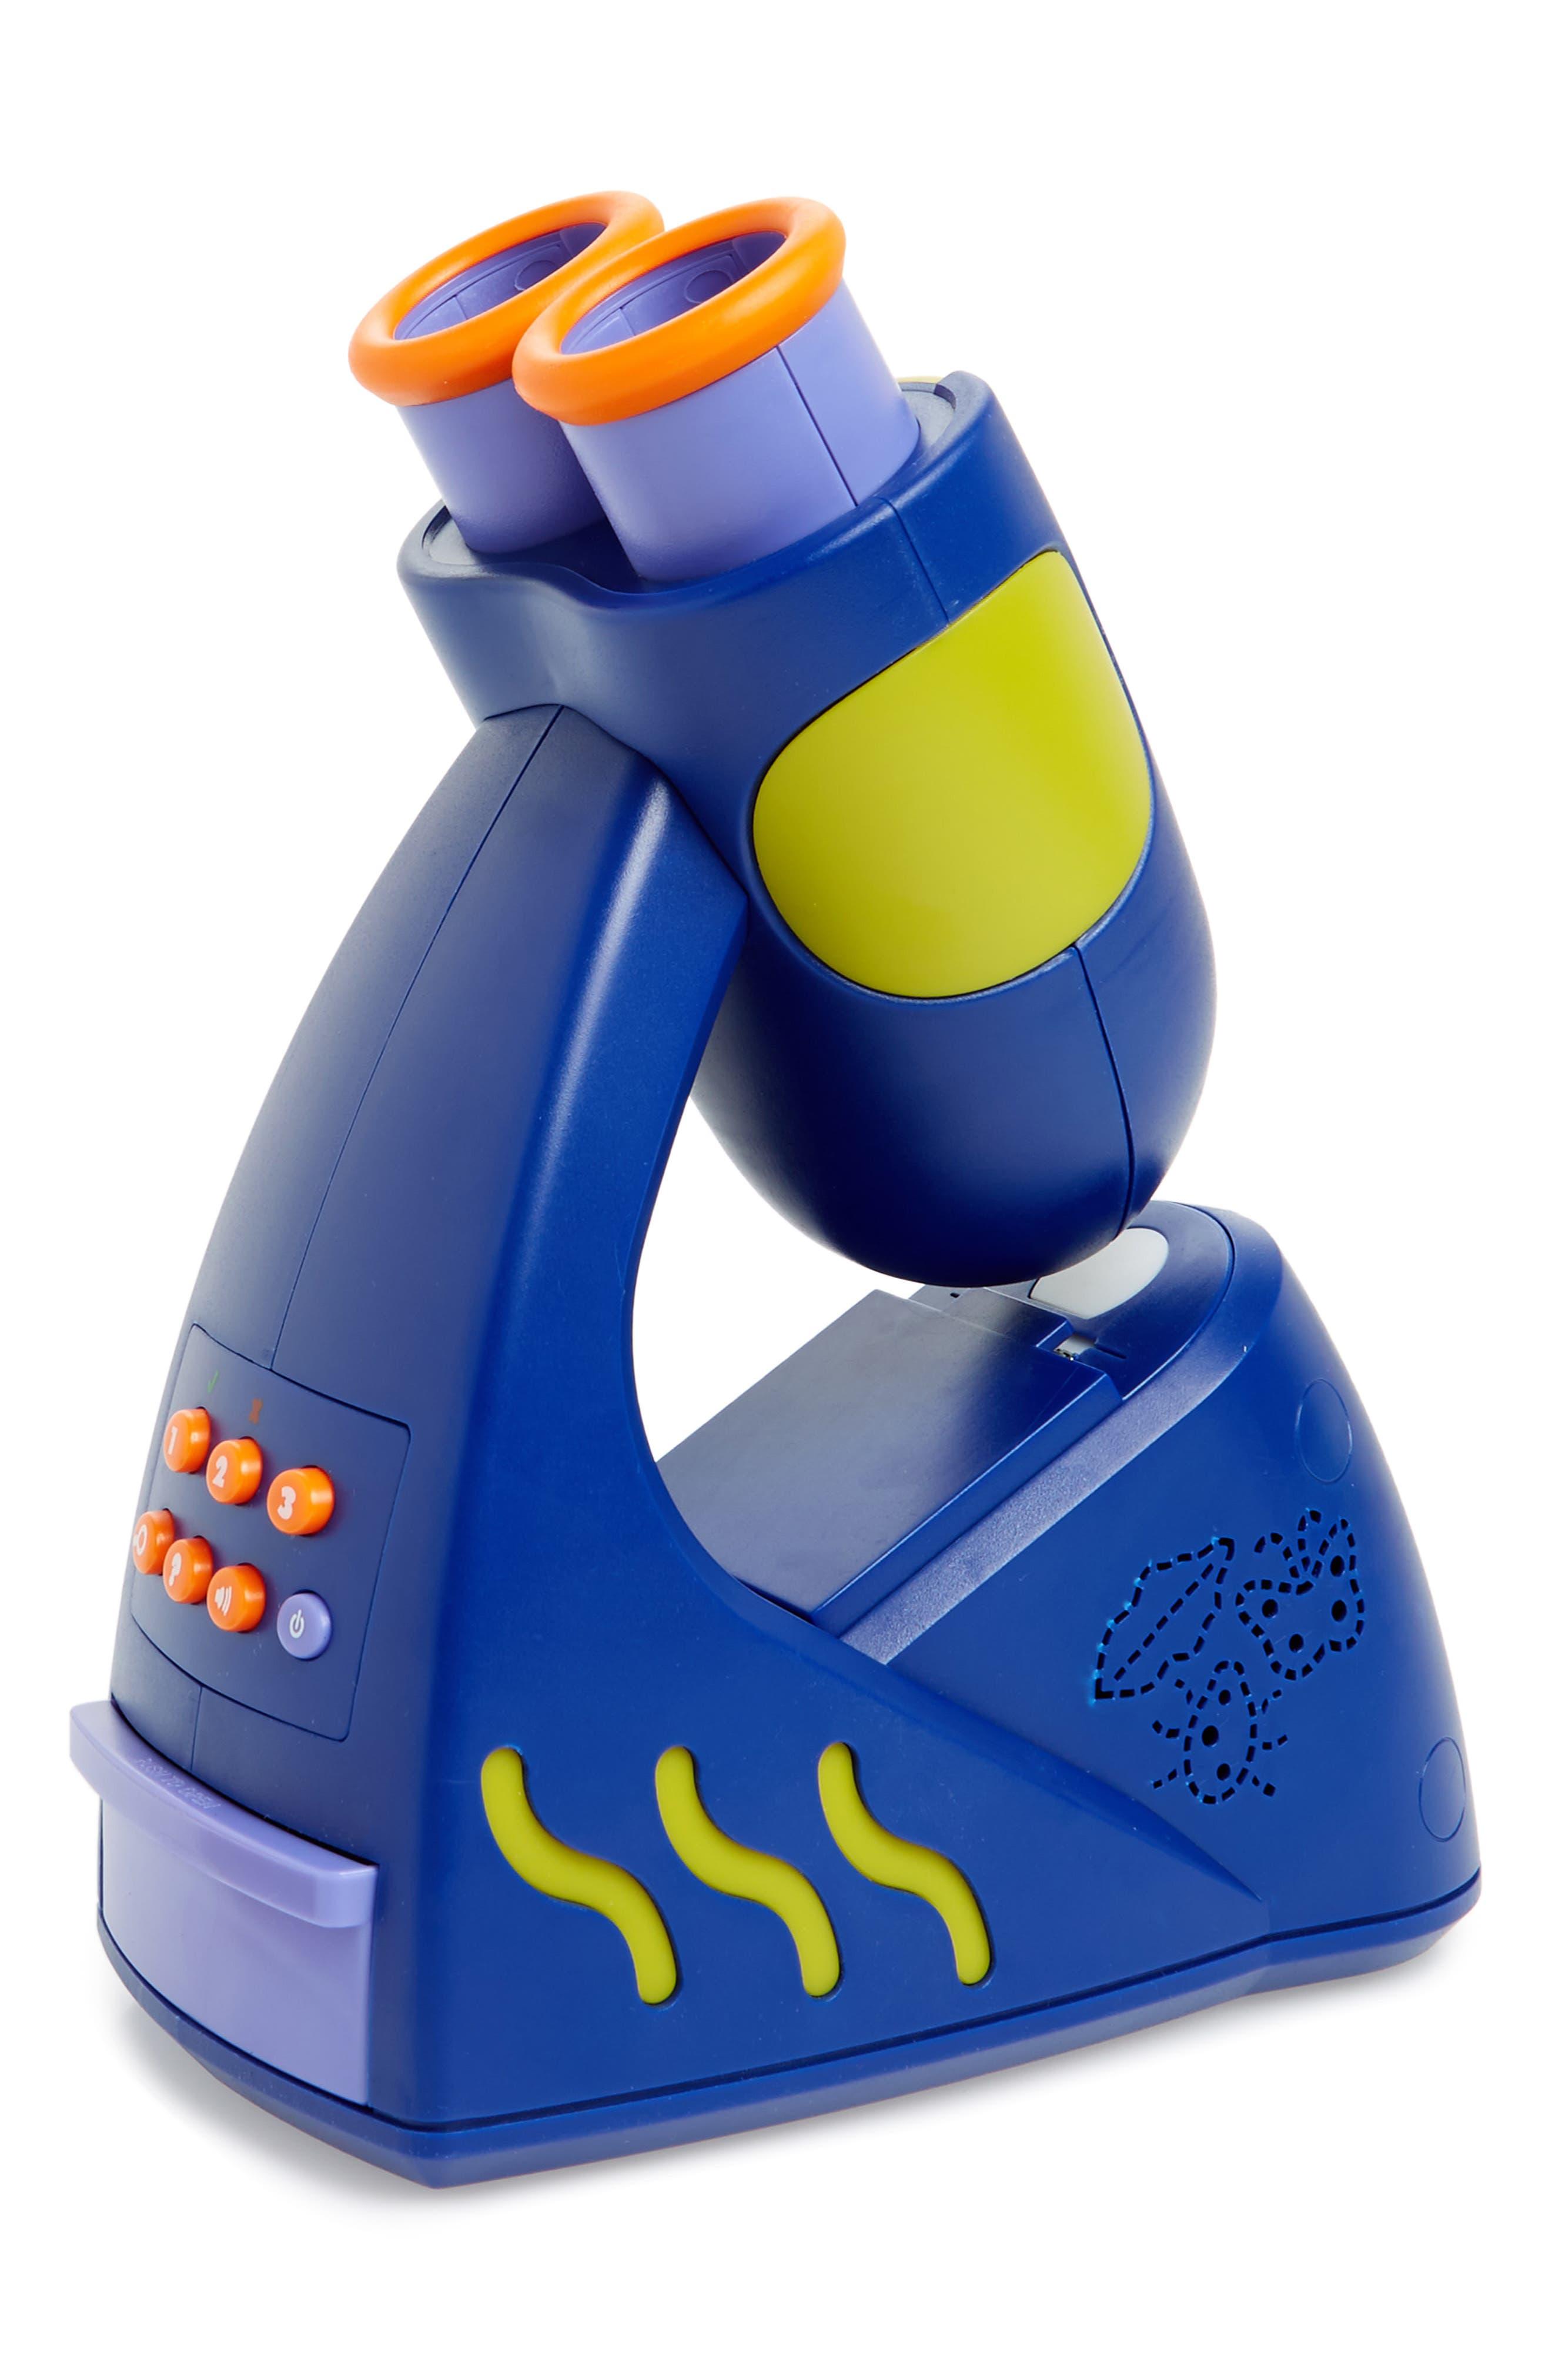 GeoSafari Jr. 21-Piece Talking Microscope Set,                             Main thumbnail 1, color,                             400